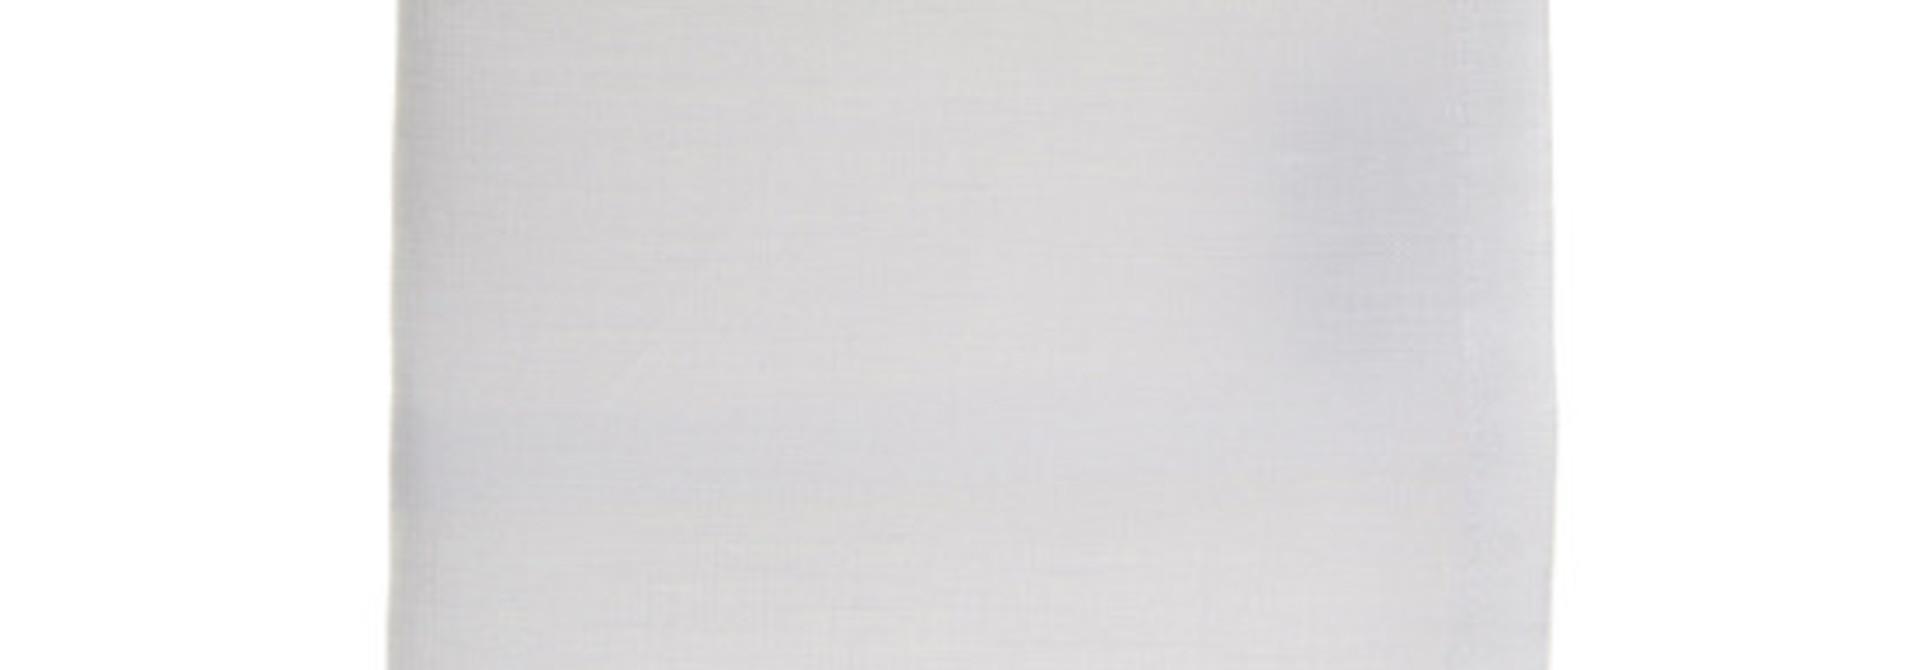 Vence Linen Napkin - White